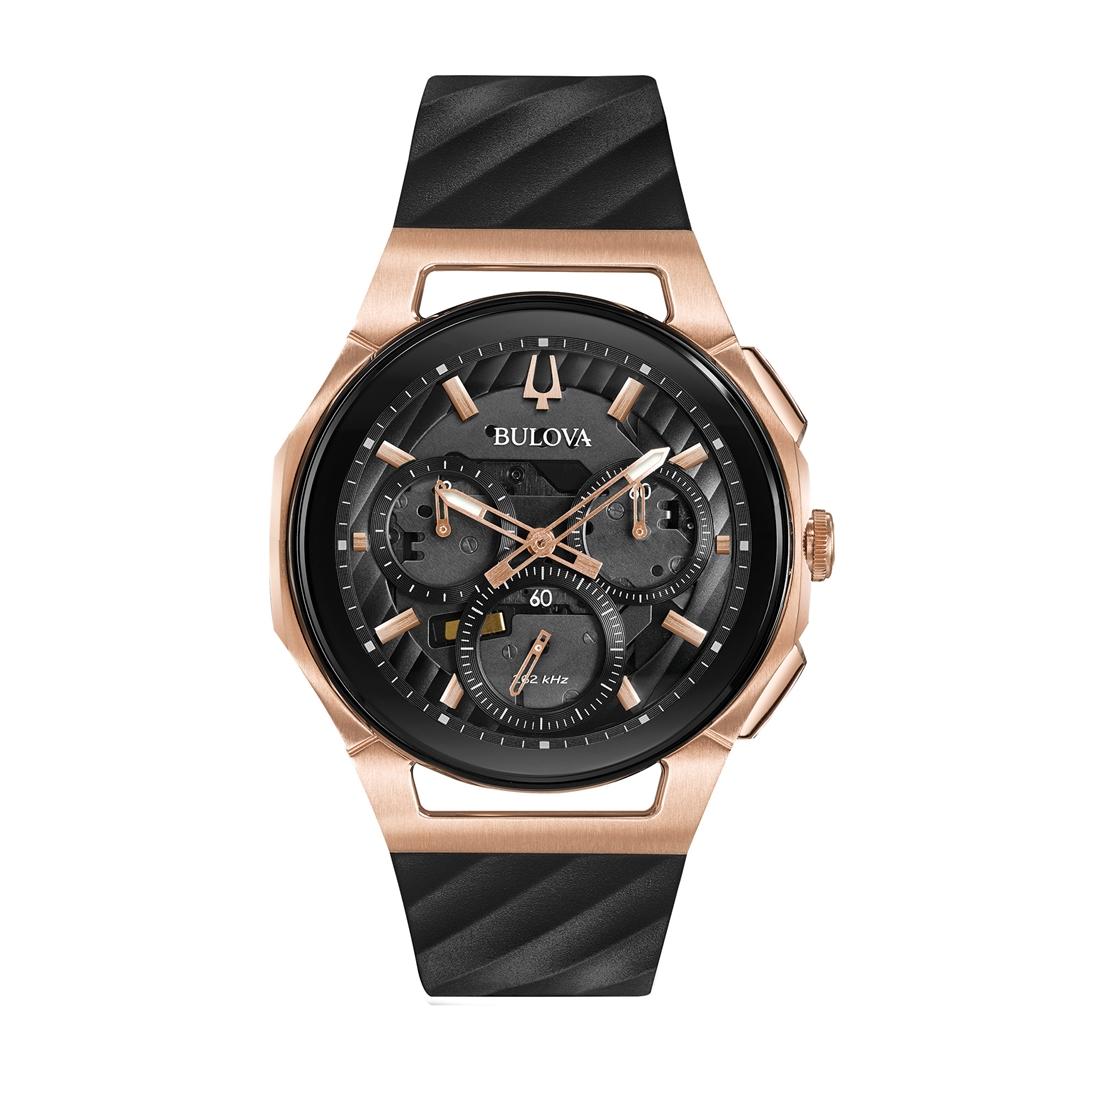 正規品 BULOVA ブローバ 98A185 カーブ クロノグラフ 腕時計